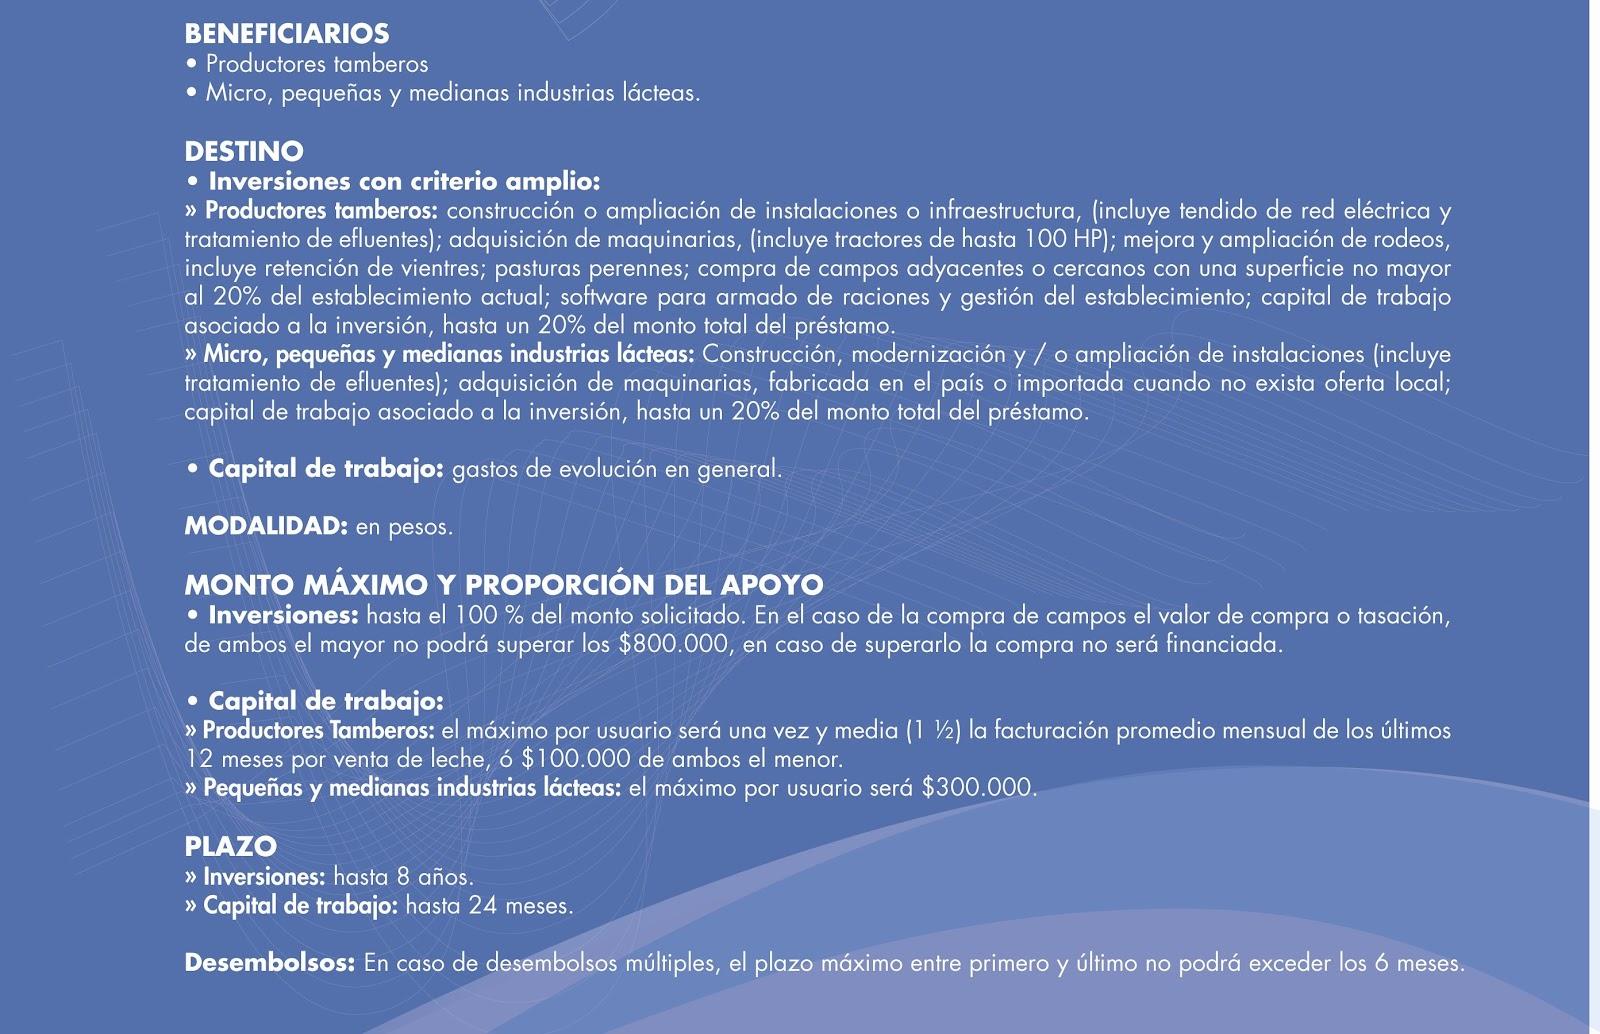 Pagina principal del banco nacional de credito prestamos for Pagina del banco exterior